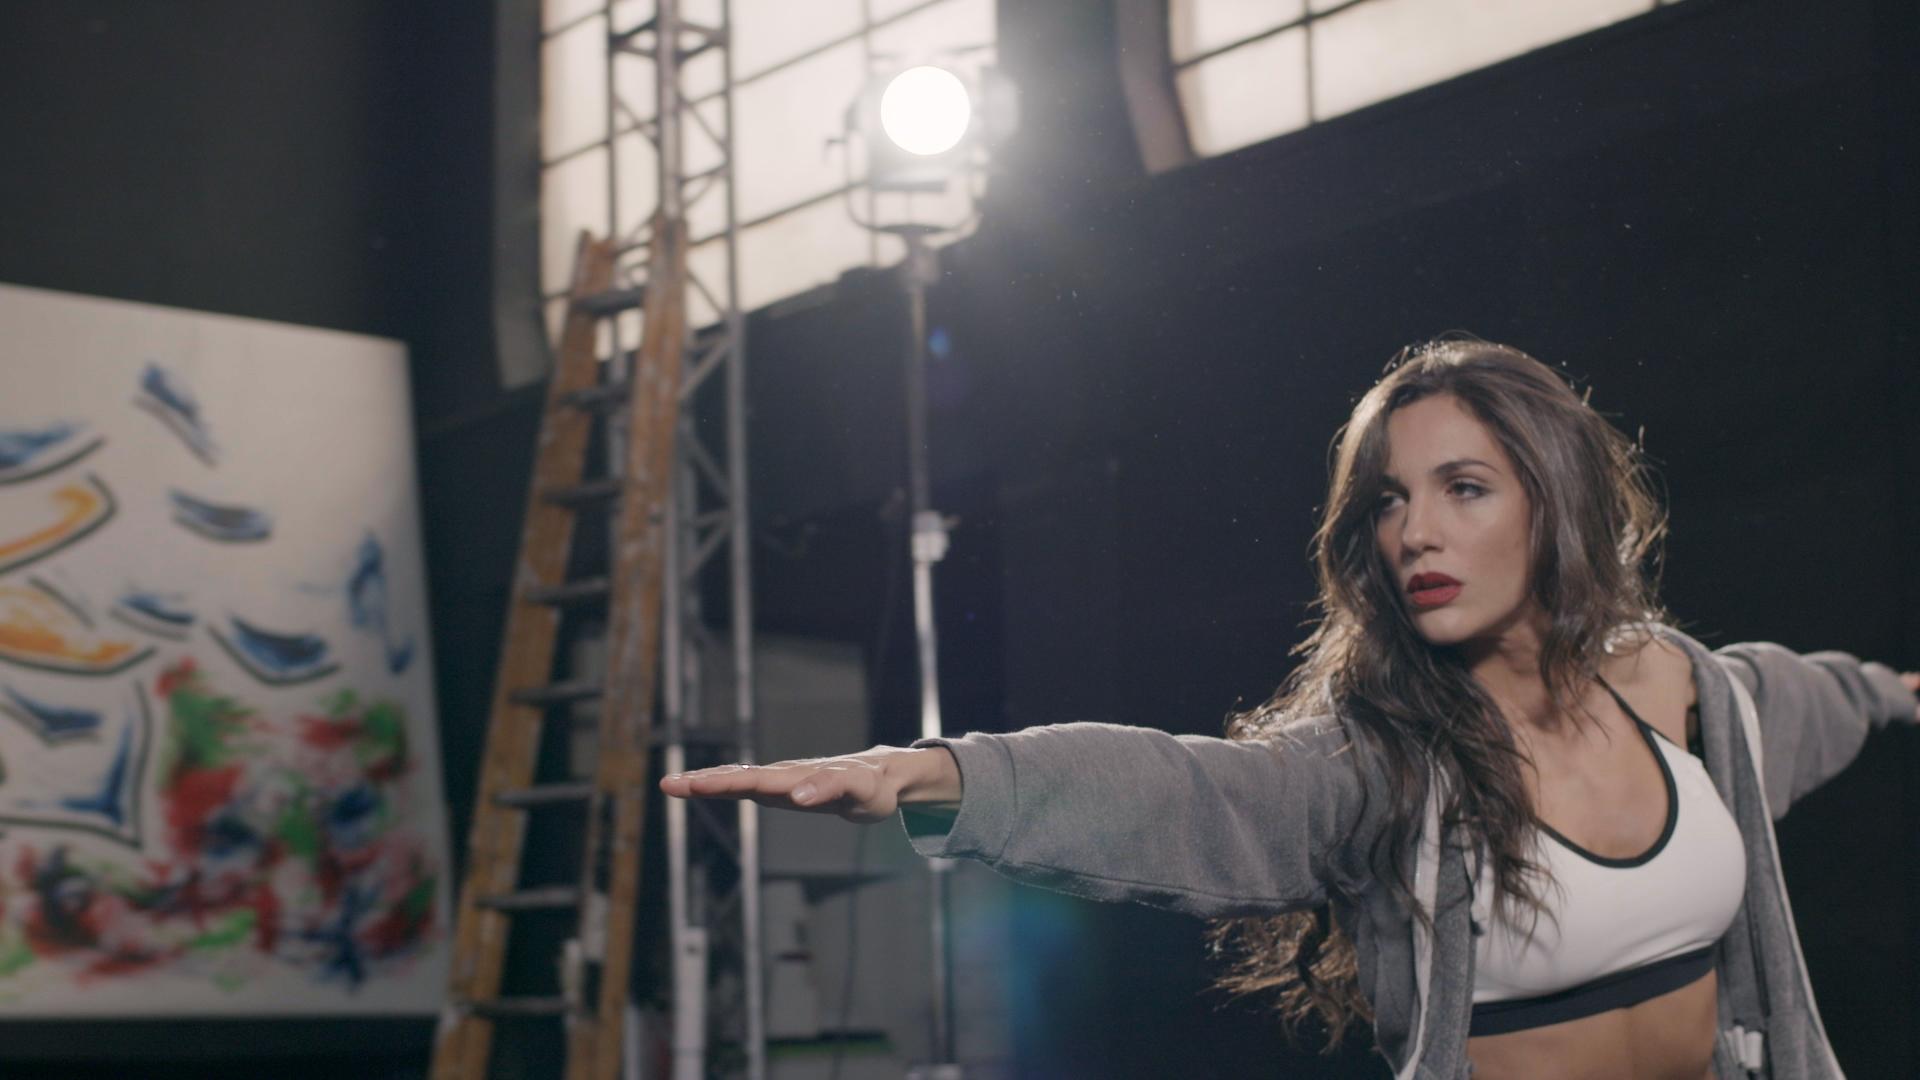 Elena D'Amario Shiseido Realtime Limoni La Gardenia Ibuki realizza il tuo sogno